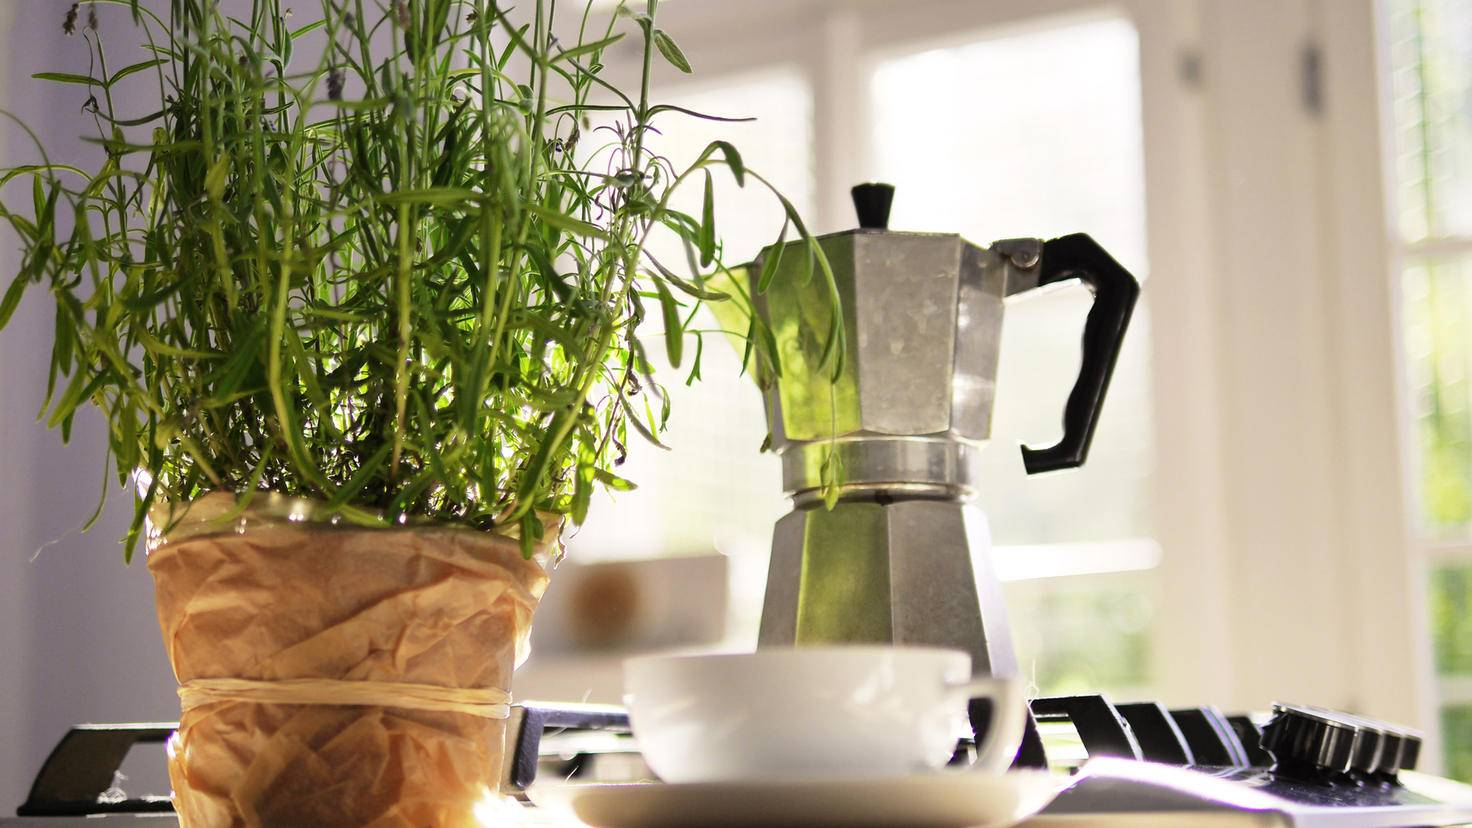 Ein Gasherd eignet sich besonders gut für die Kaffeezubereitung mit dem Espressokocher.